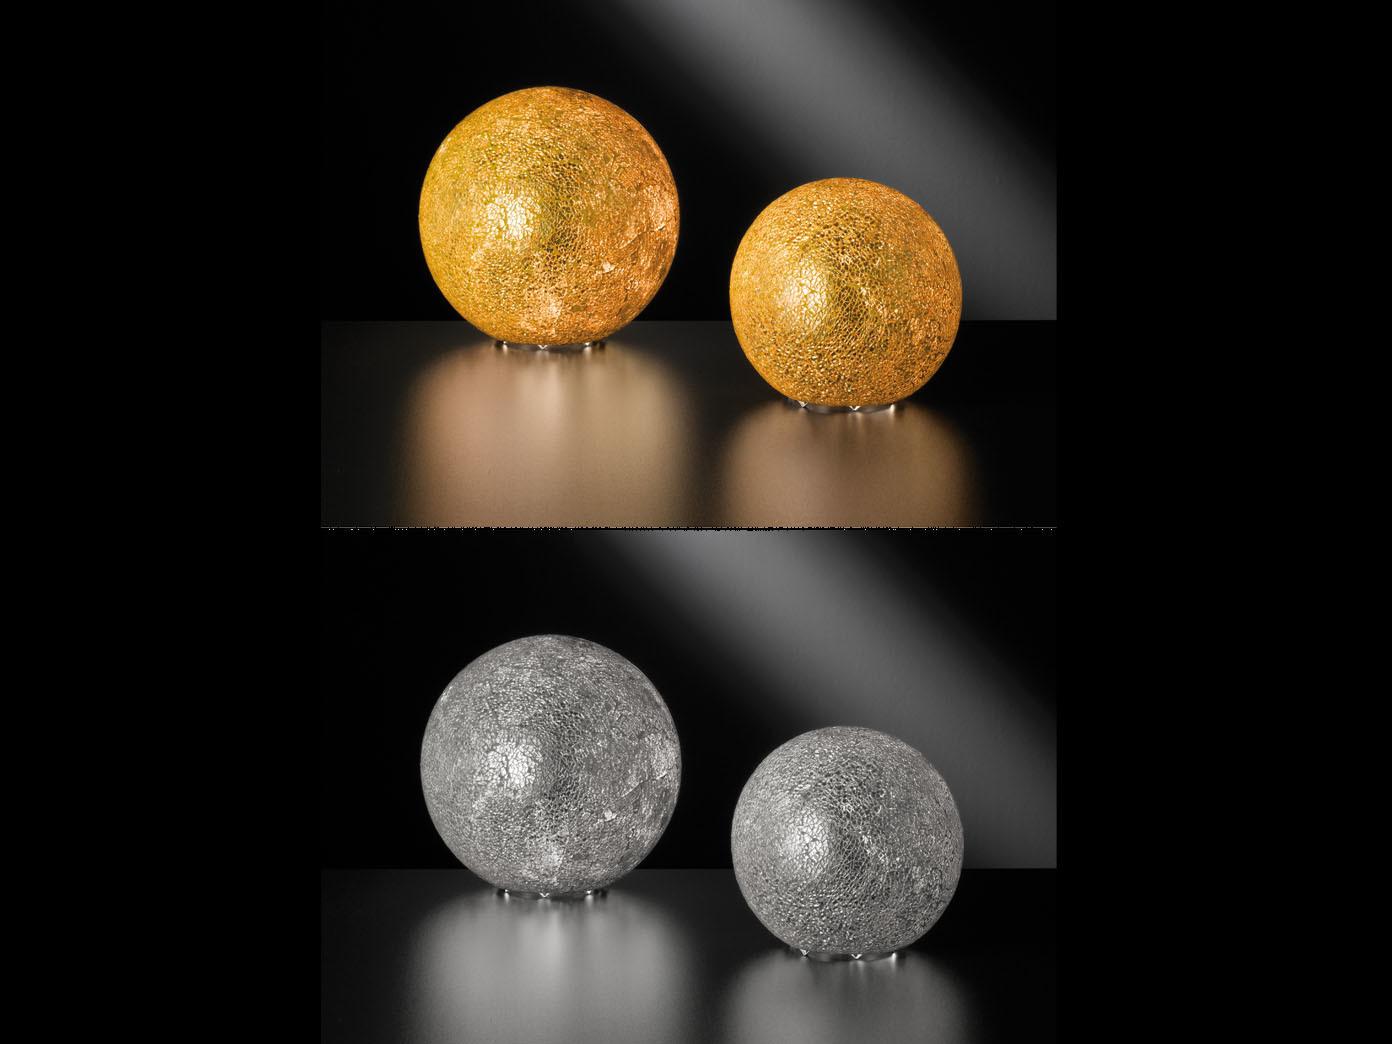 Tischleuchte CHRIS Goldfarbig craquele 25cm E27 Tischlampe modern Design Kugel